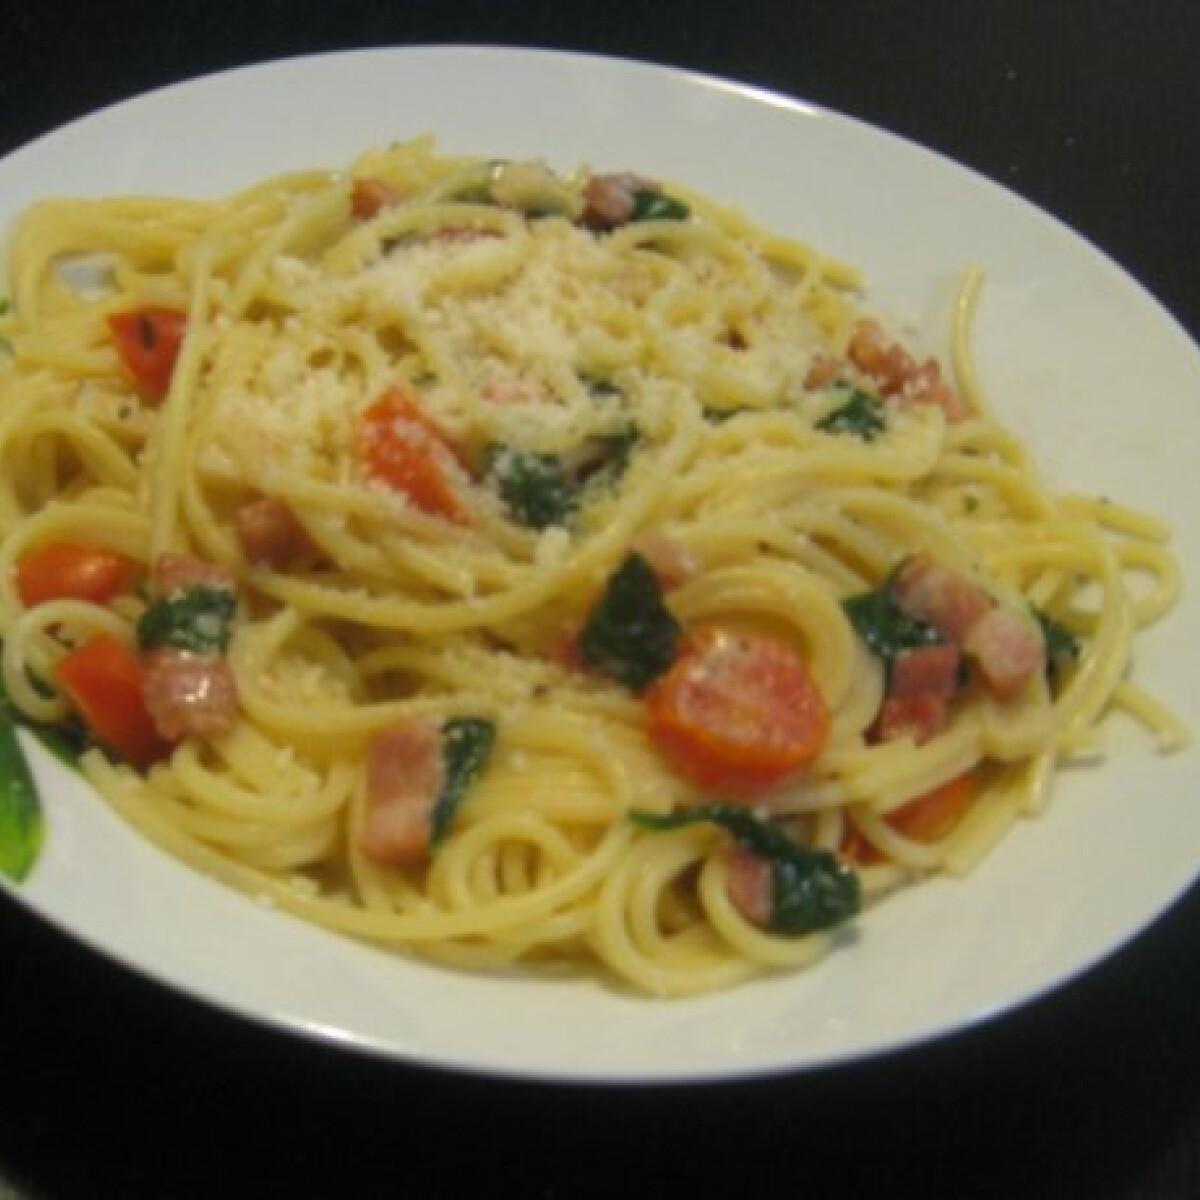 Ezen a képen: Spenótos spagetti baconnel